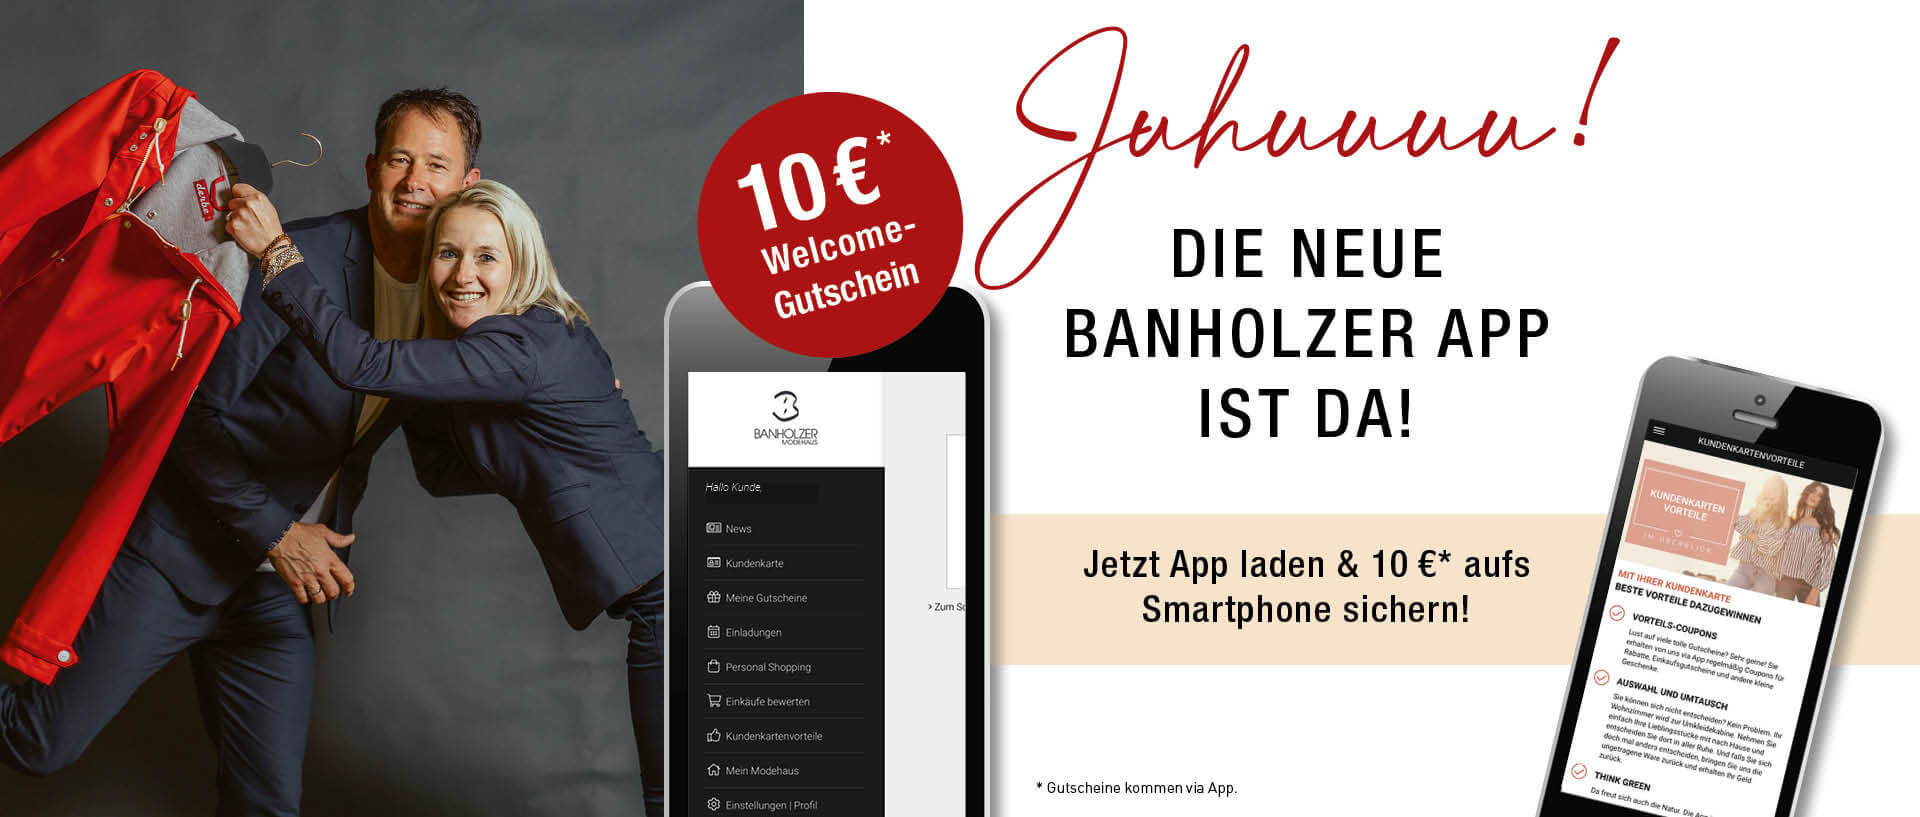 Modehaus Banholzer - Unsere neue App